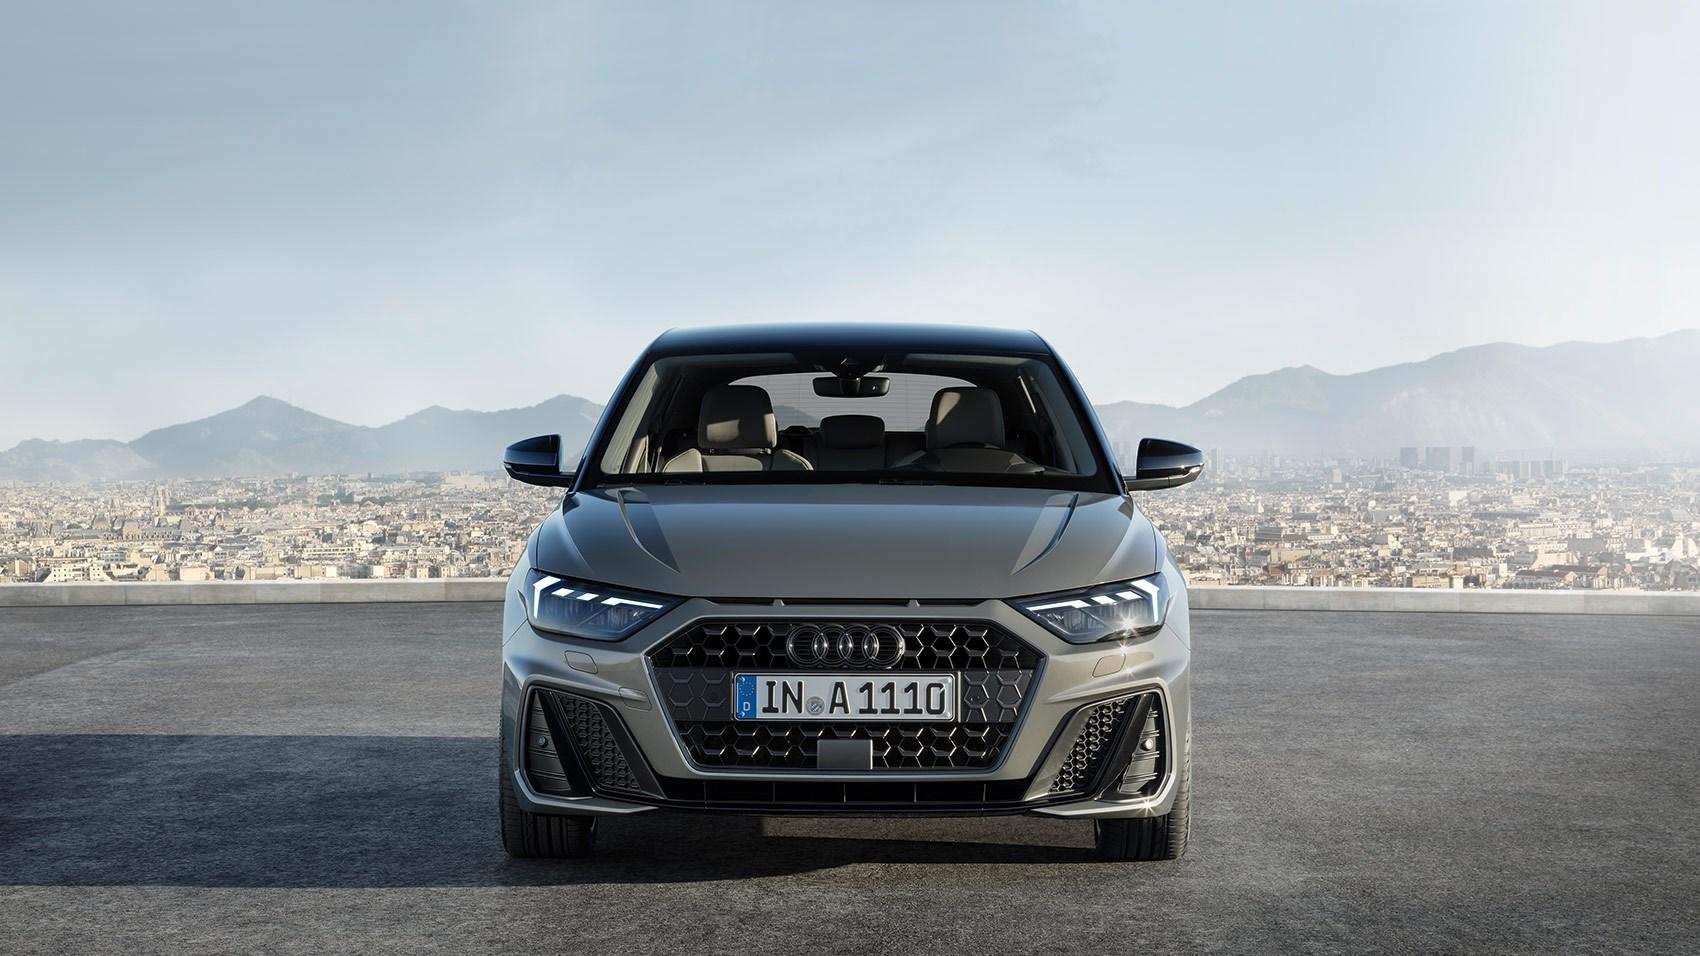 Kekurangan Audi Aq Spesifikasi